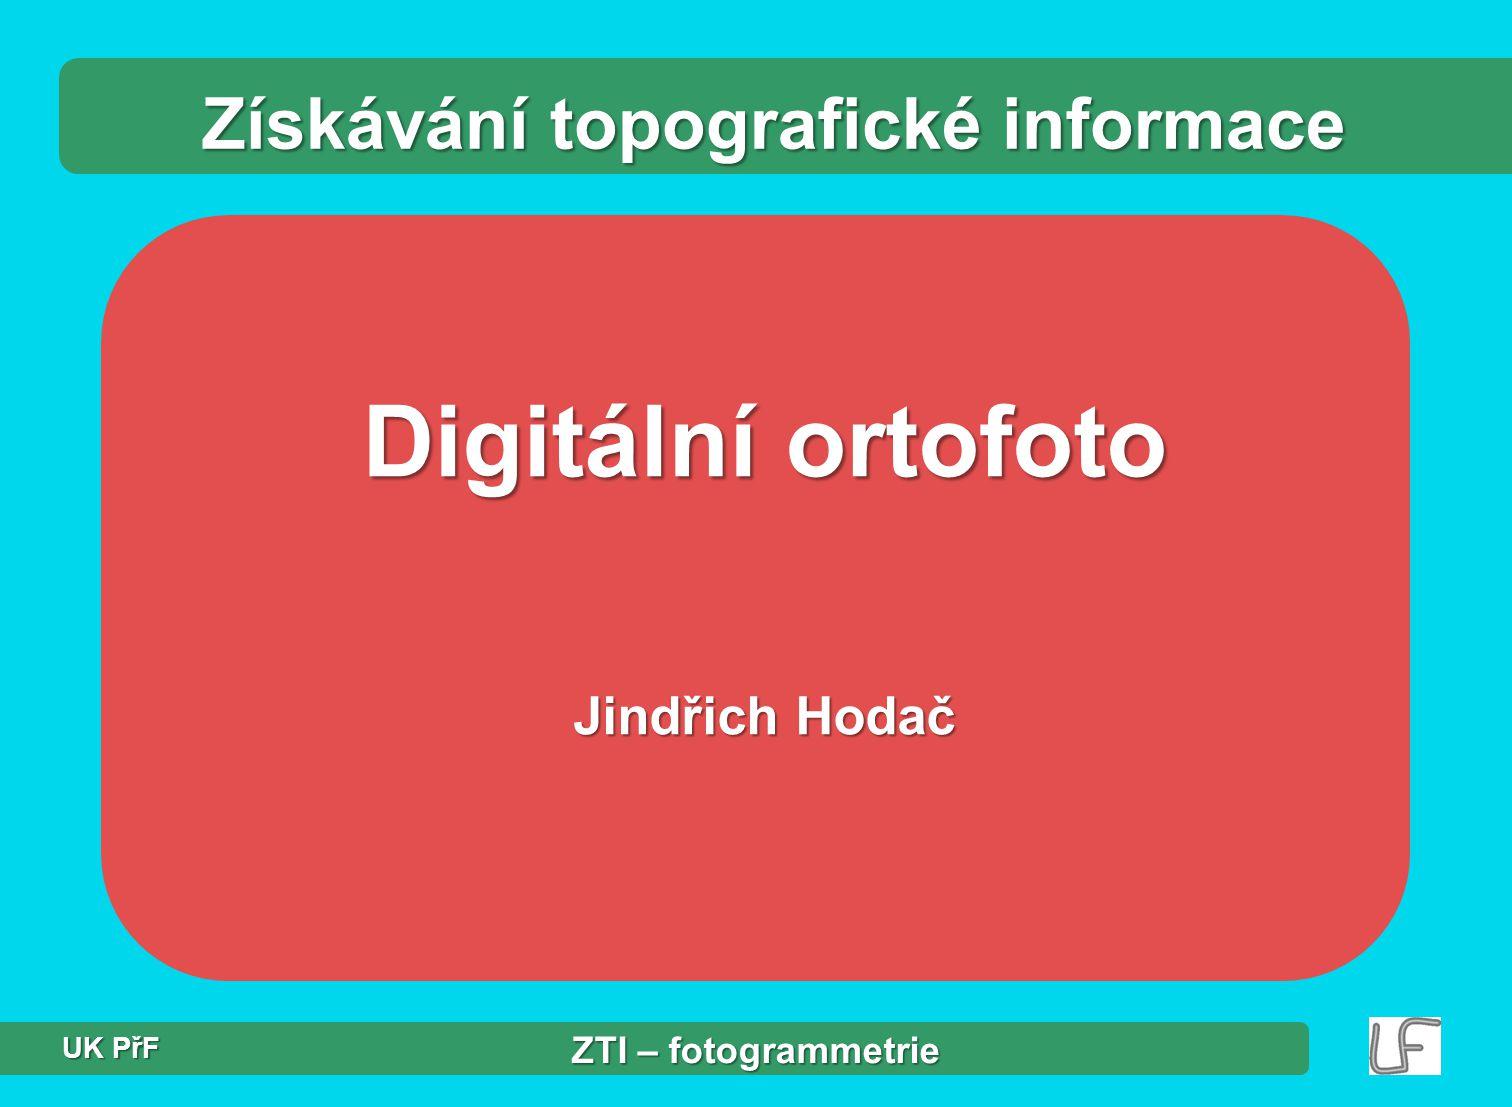 Digitální ortofoto Jindřich Hodač Získávání topografické informace ZTI – fotogrammetrie UK PřF